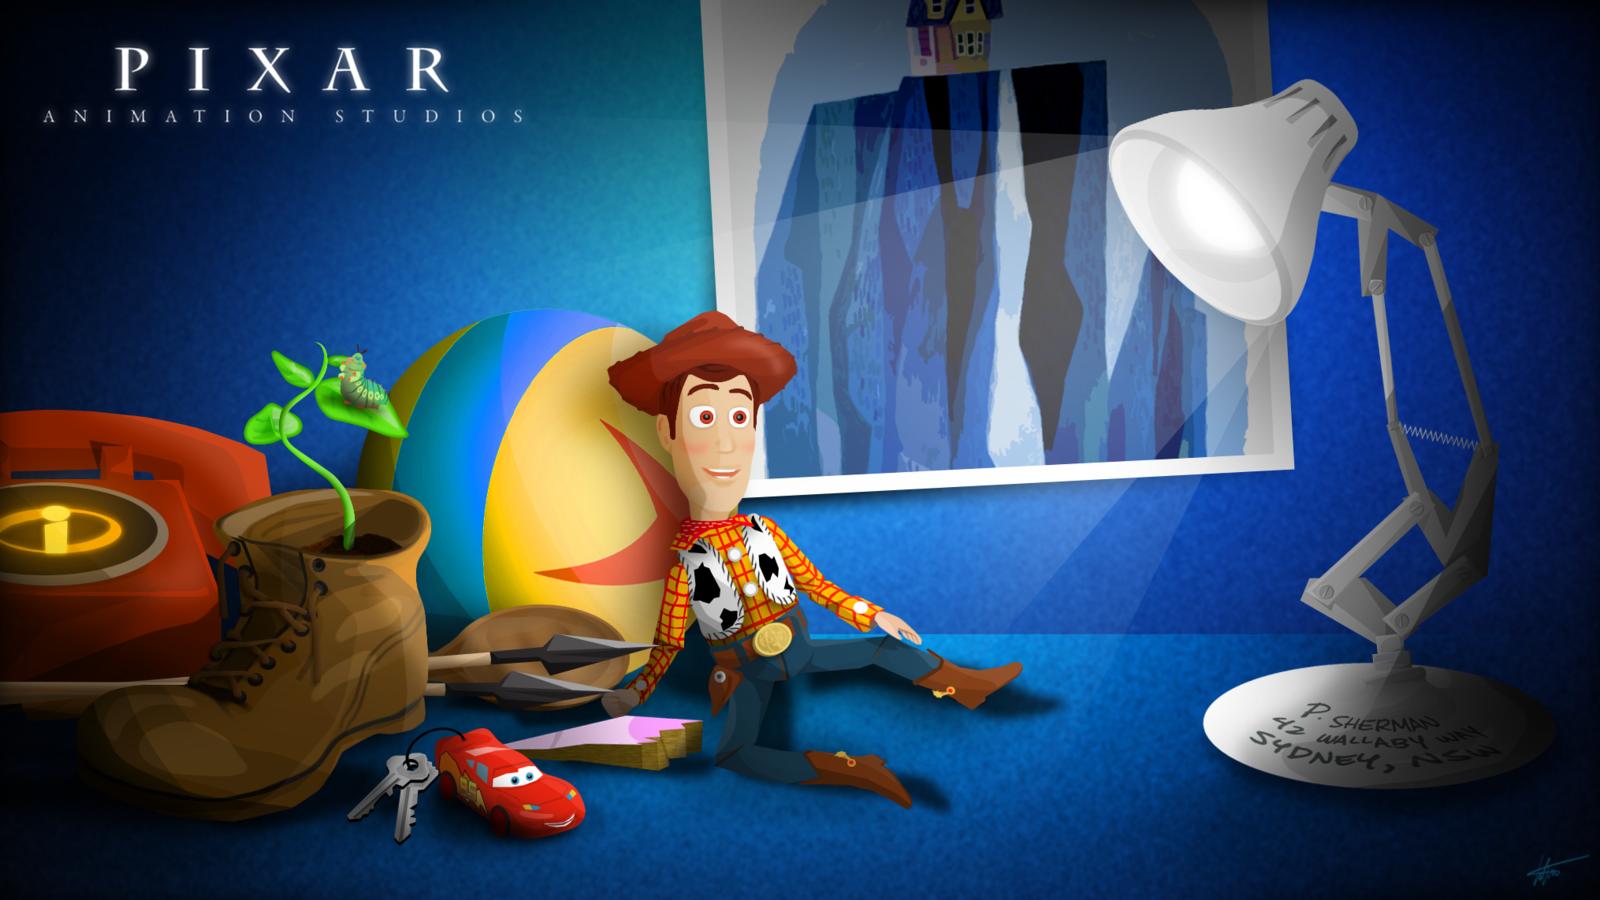 74 Pixar Wallpaper On Wallpapersafari